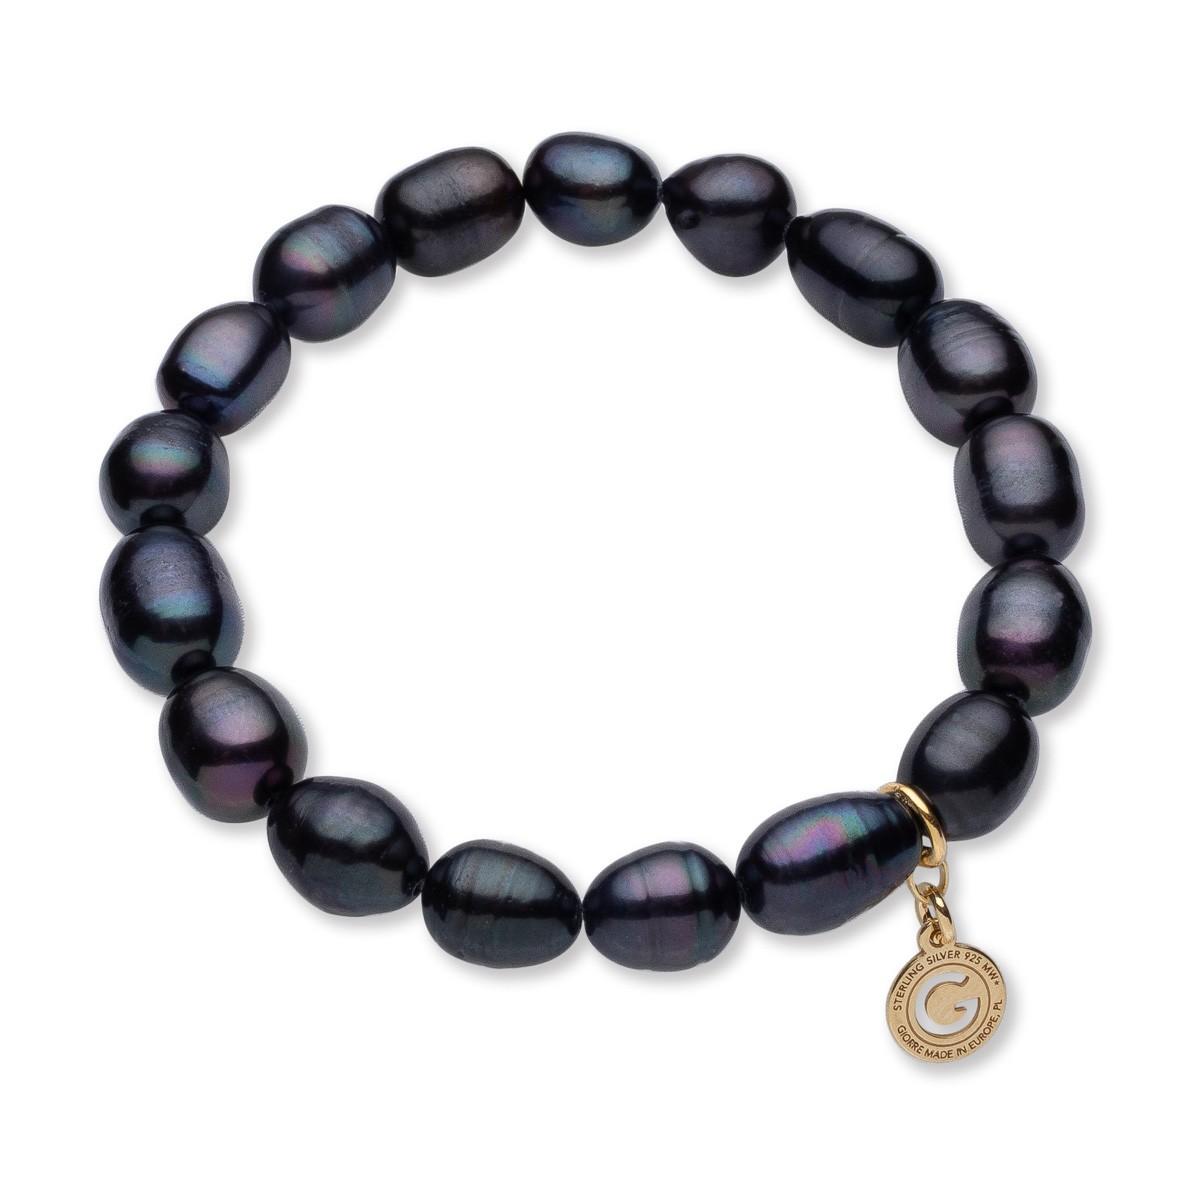 Elastyczna srebrna bransoletka ciemne perły słodkowodne 925